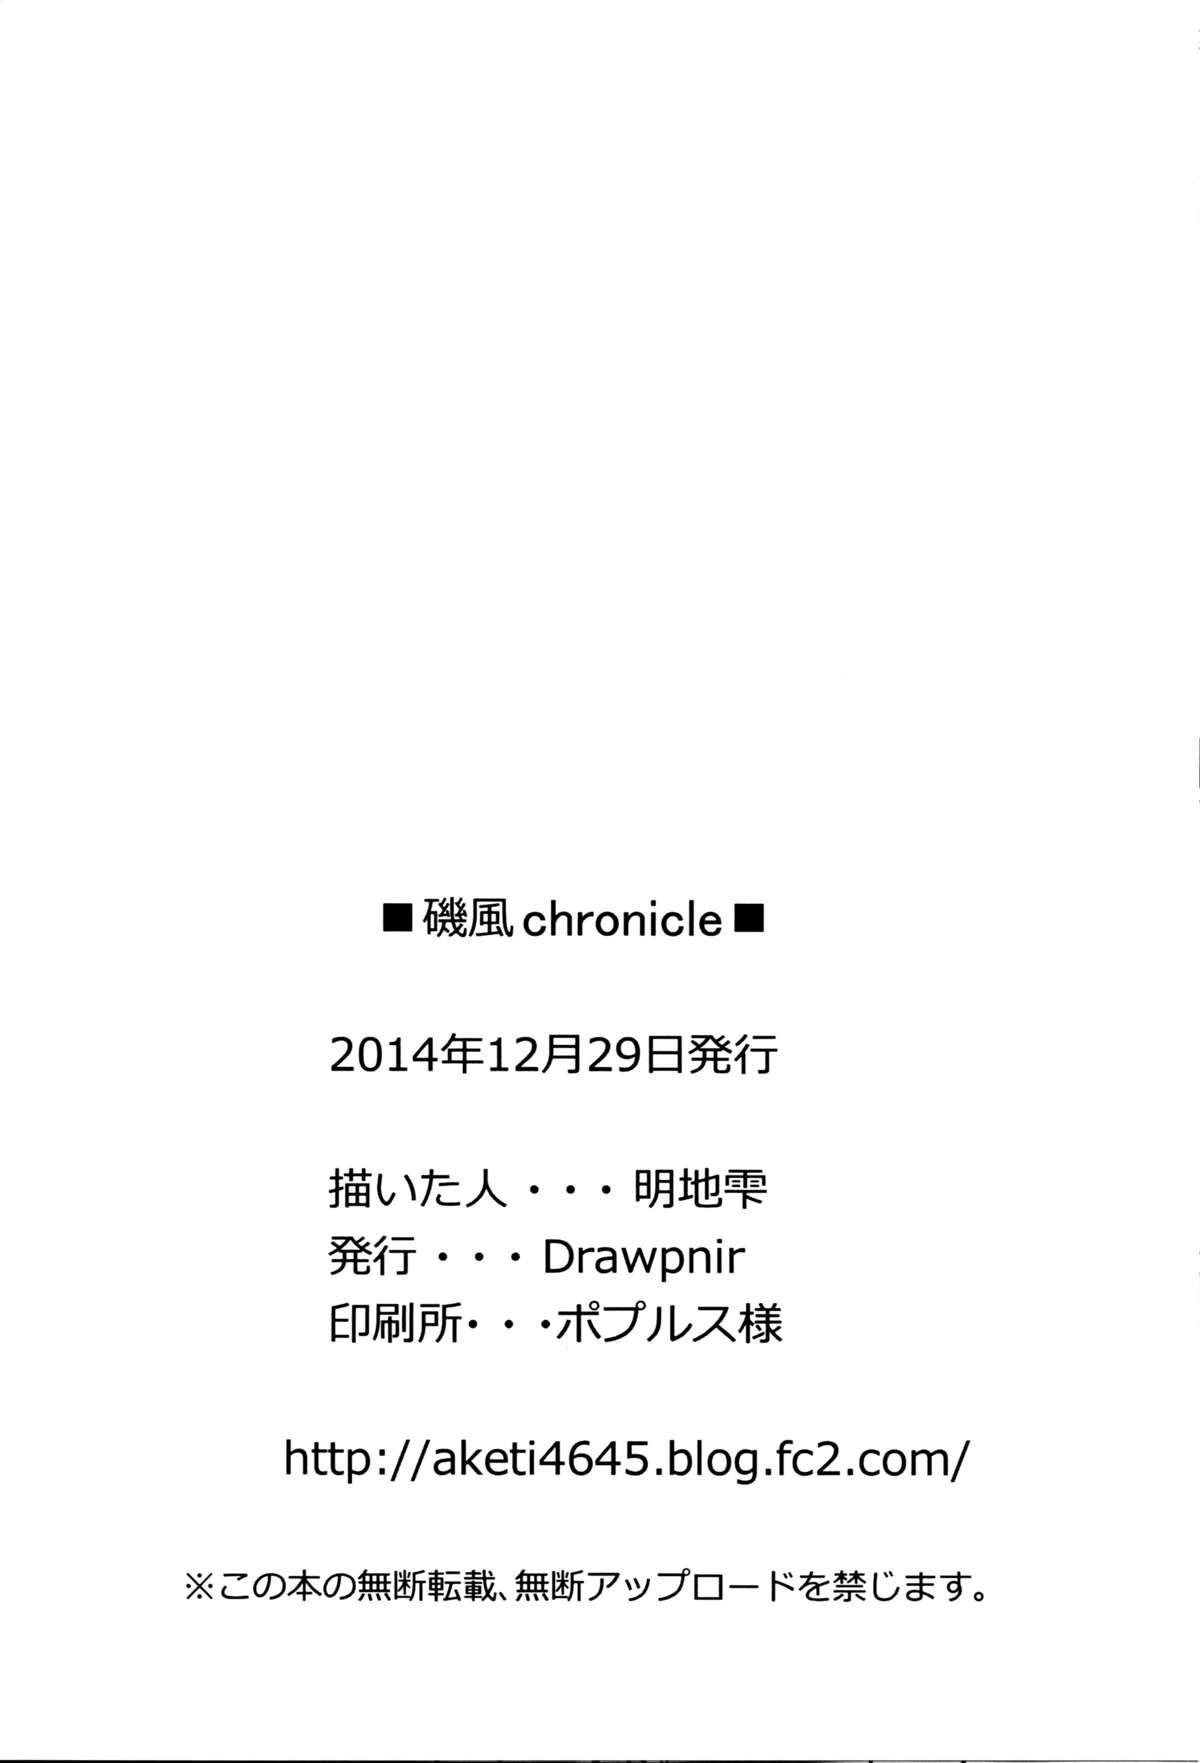 Isokaze Chronicle 19